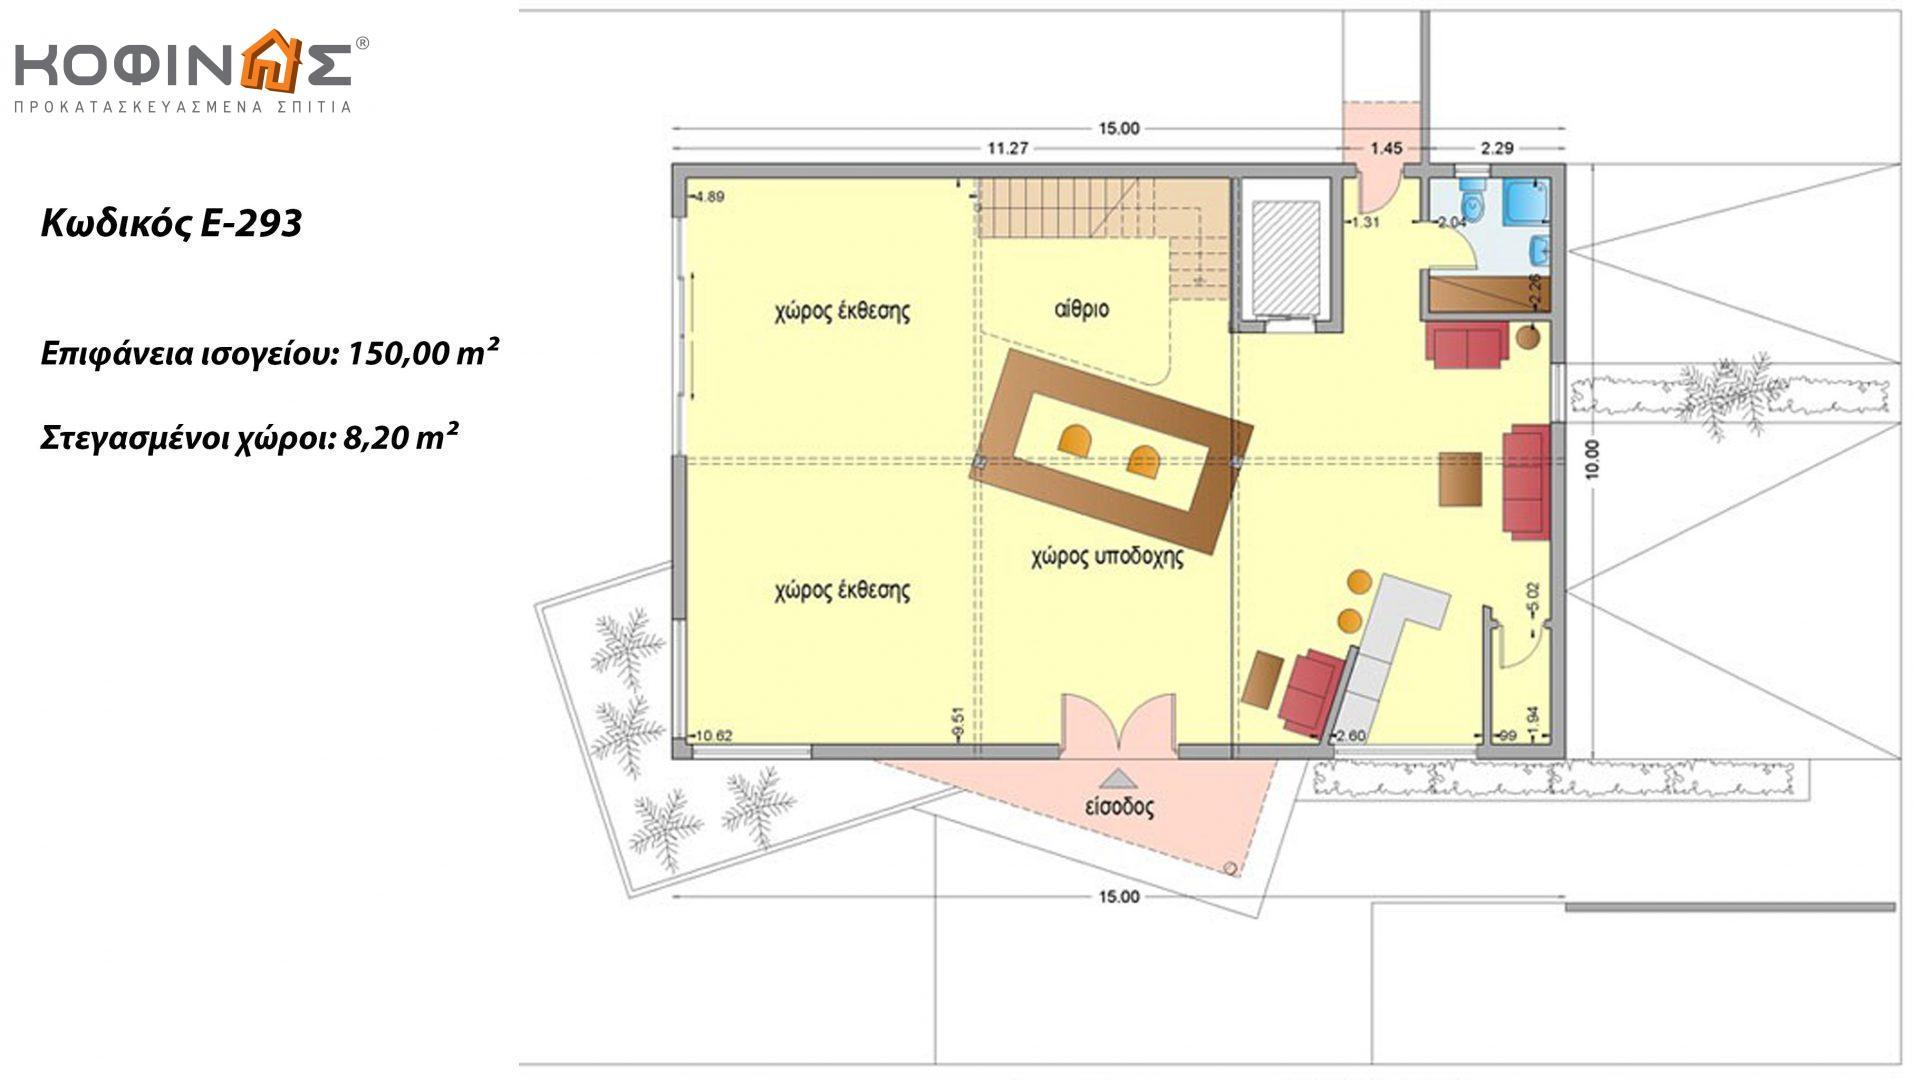 Διώροφο Κτήριο Γραφείων με Αίθριο E-293, συνολικής επιφάνειας 293,70 τ.μ. ,συνολική επιφάνεια στεγασμένων χώρων 8,20 τ.μ.